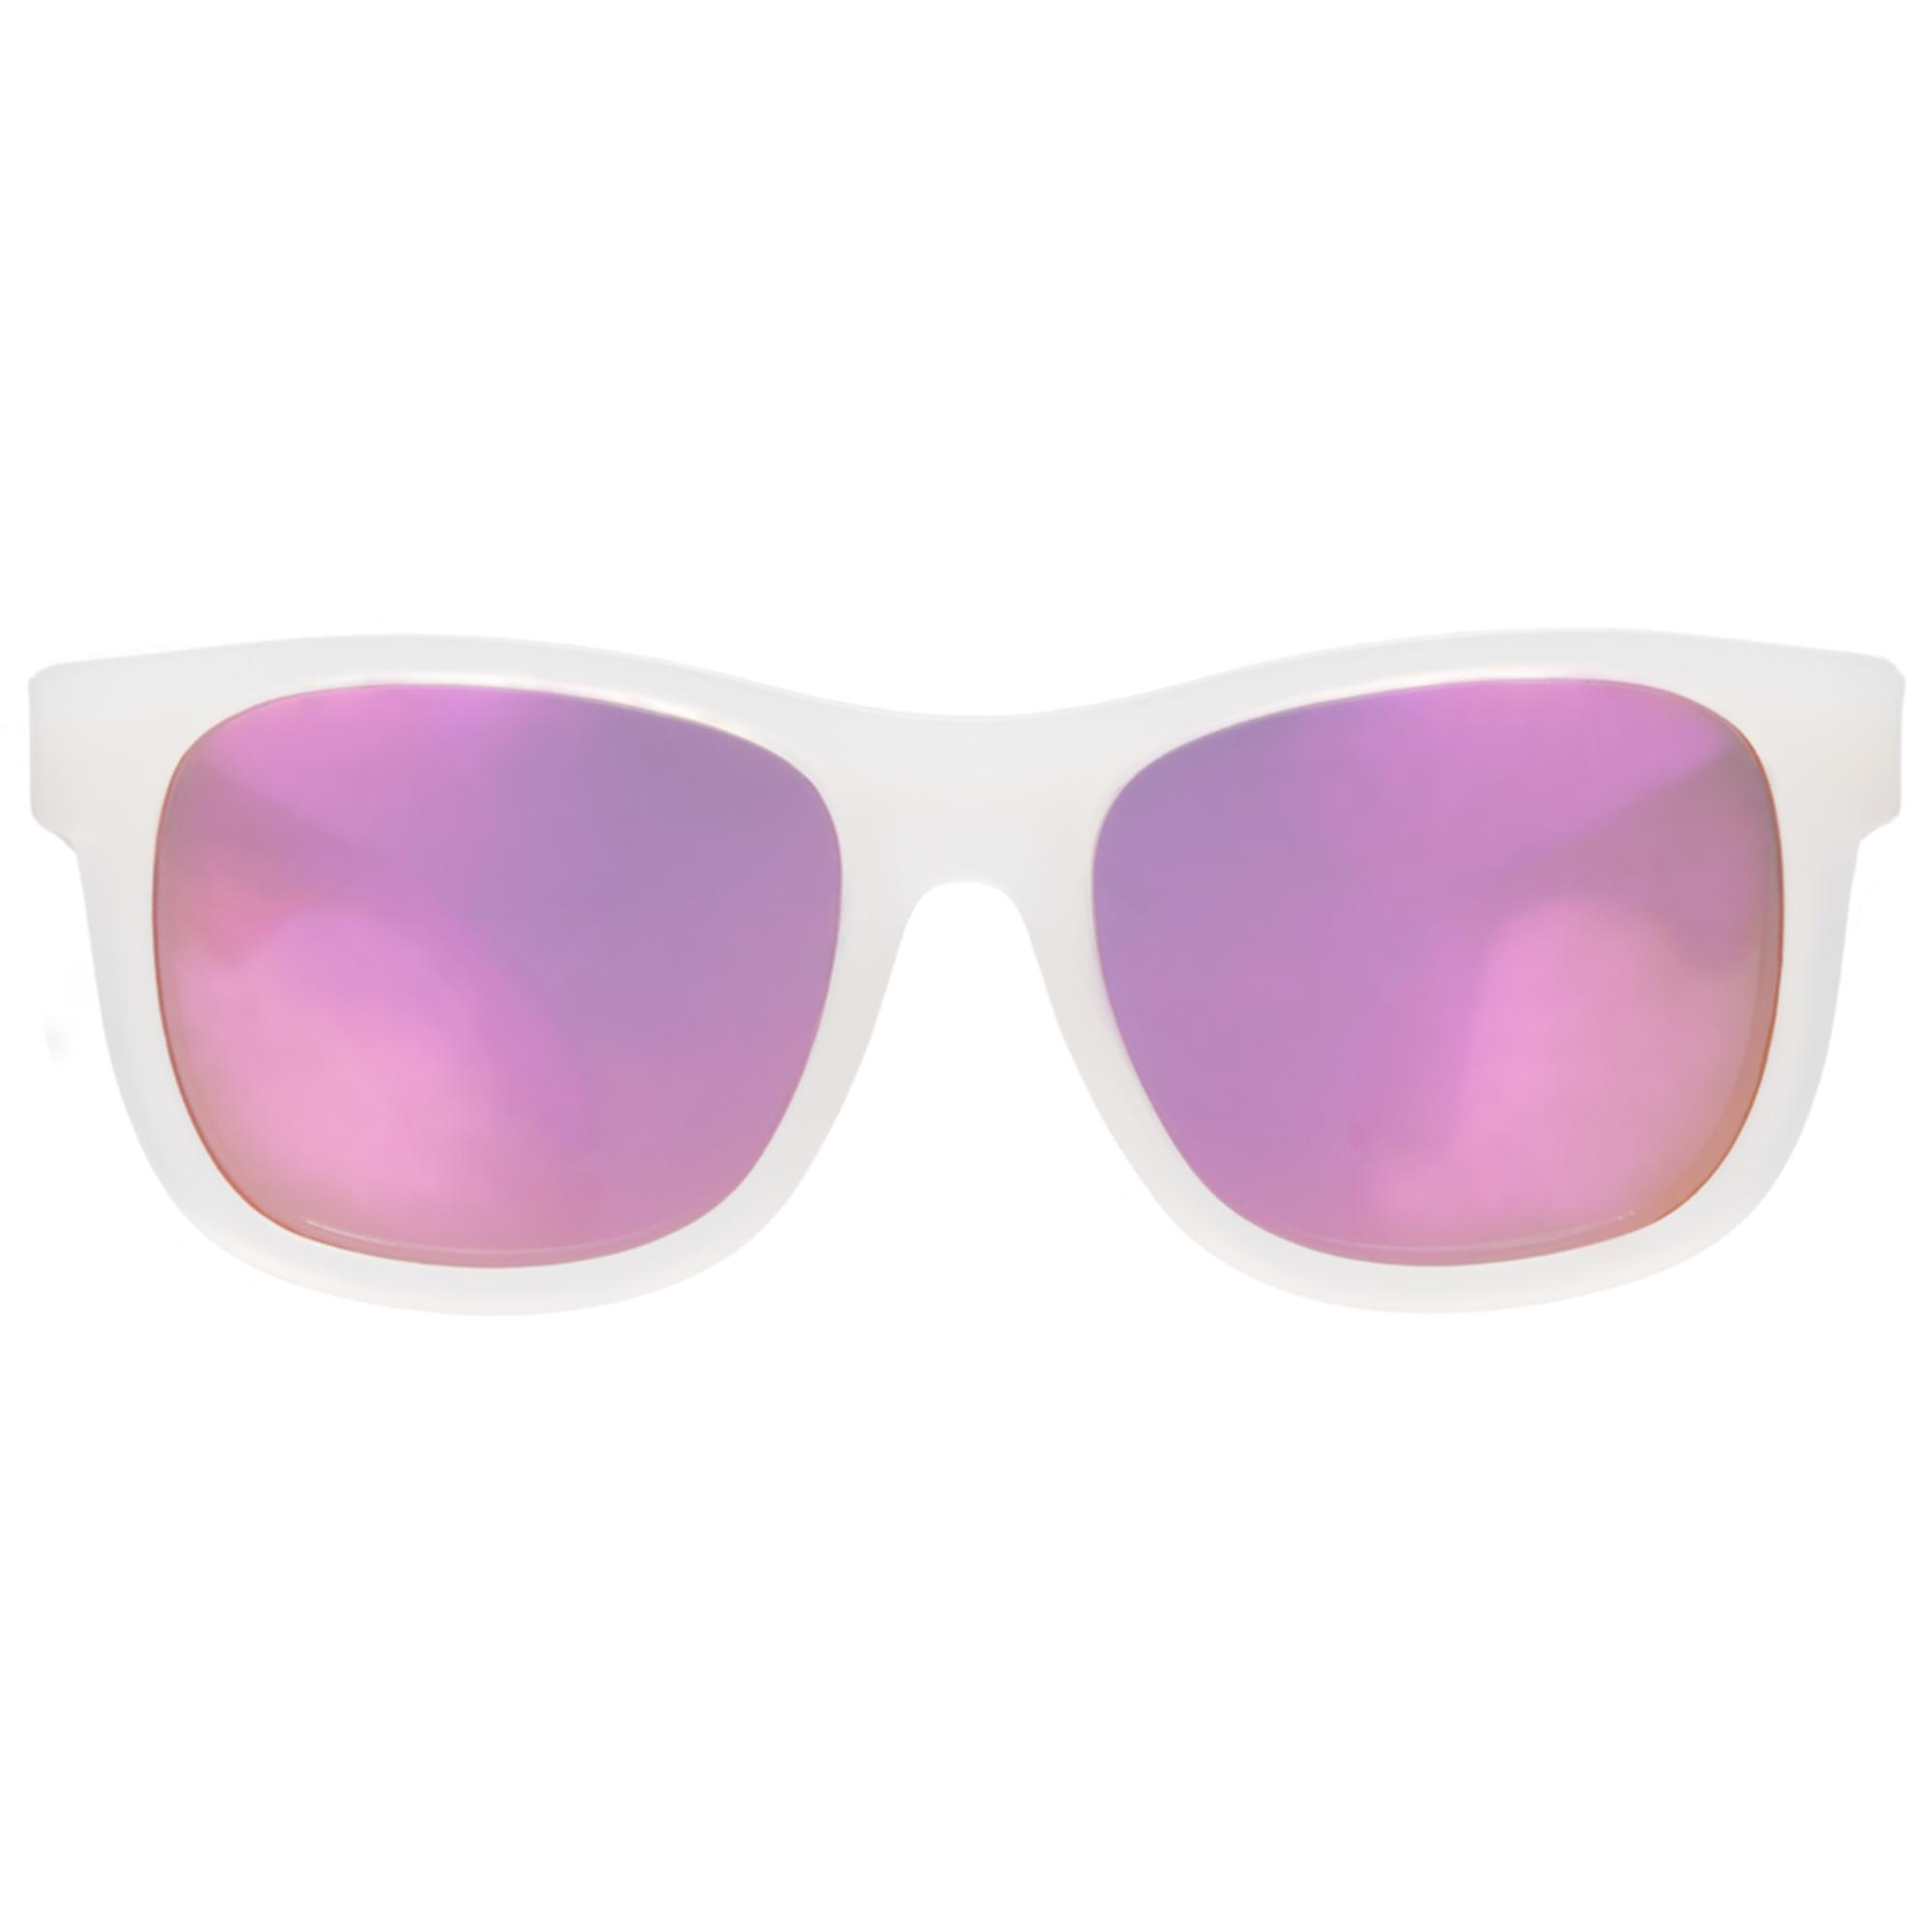 Ochelari de soare pentru copii, BABIATORS, Premium-Pink Ice Classic, 3-5 ani